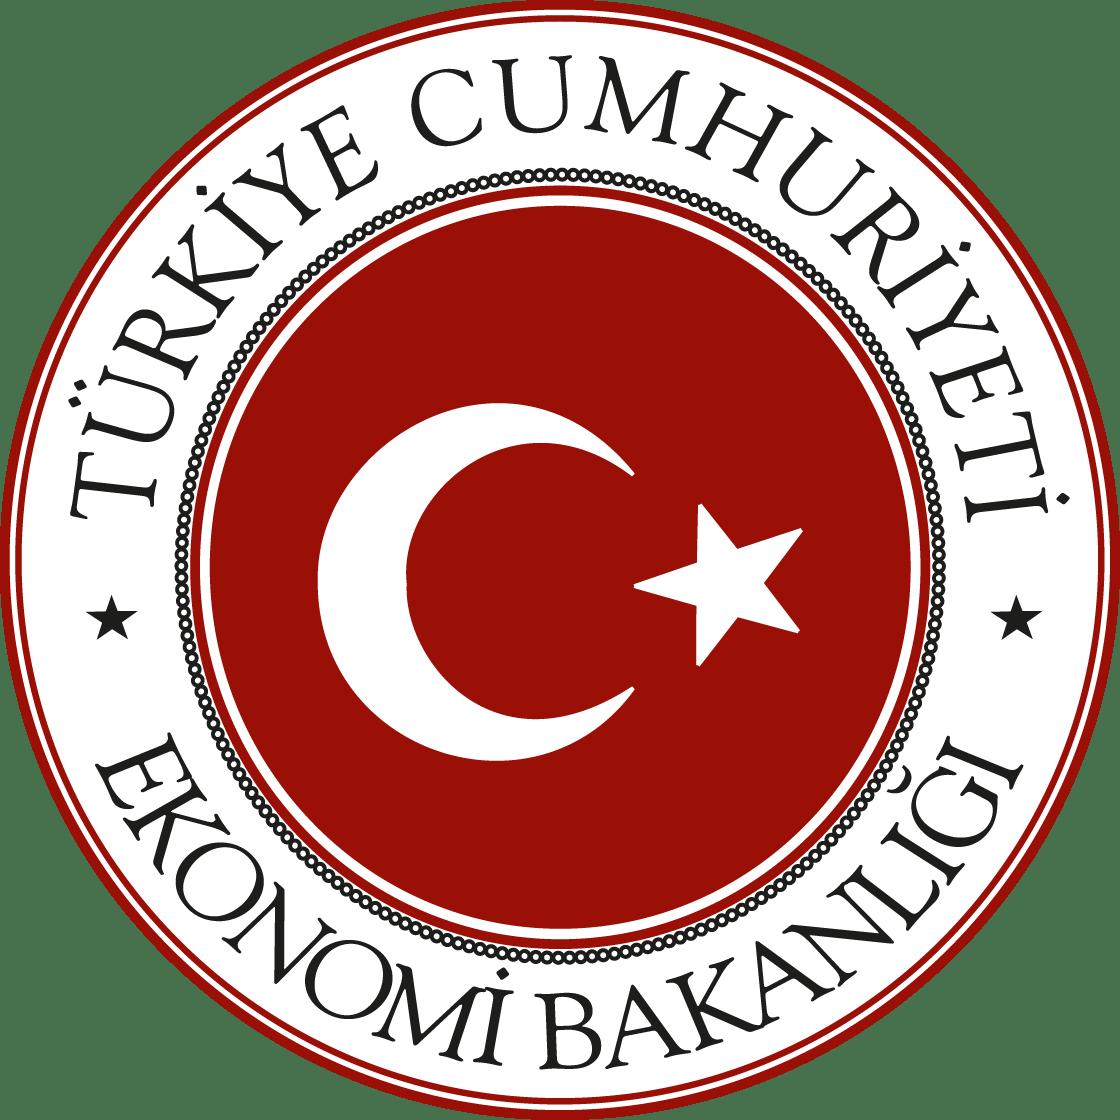 T.C. Ekonomi Bakanlığı Logosu [ekonomi.gov.tr] png